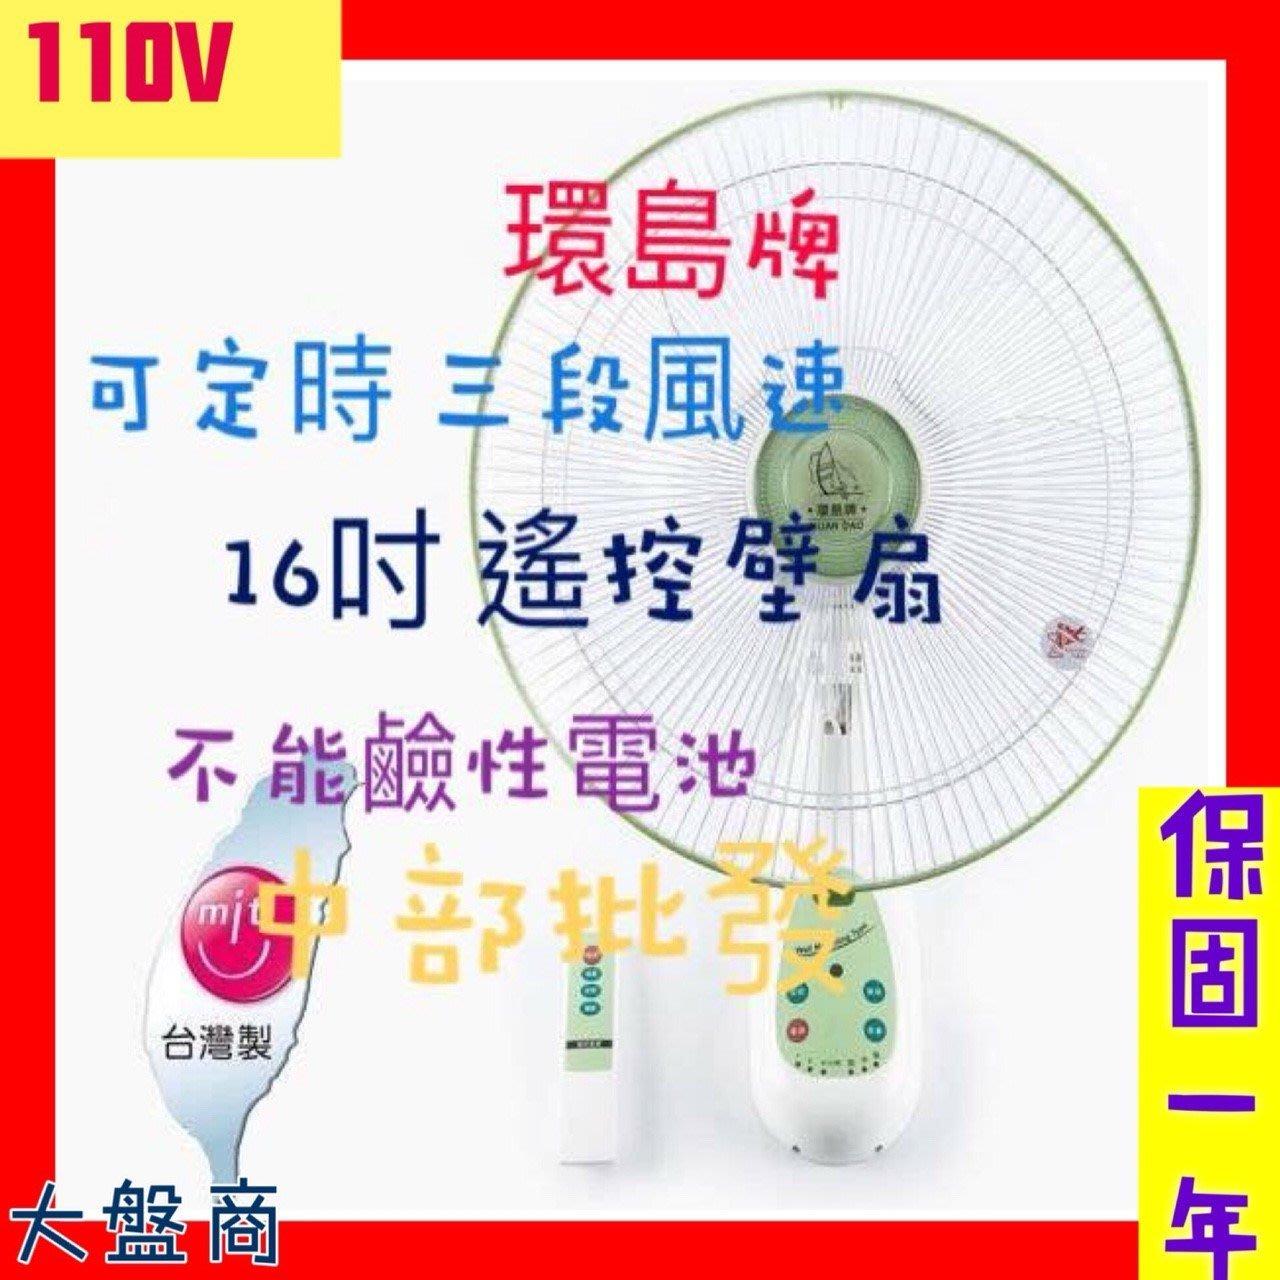 『電扇批發』環島牌 HD-160R 16吋 遙控壁扇 掛壁扇 遙控太空扇 壁式通風扇 電風扇 壁掛扇 (台灣製造)